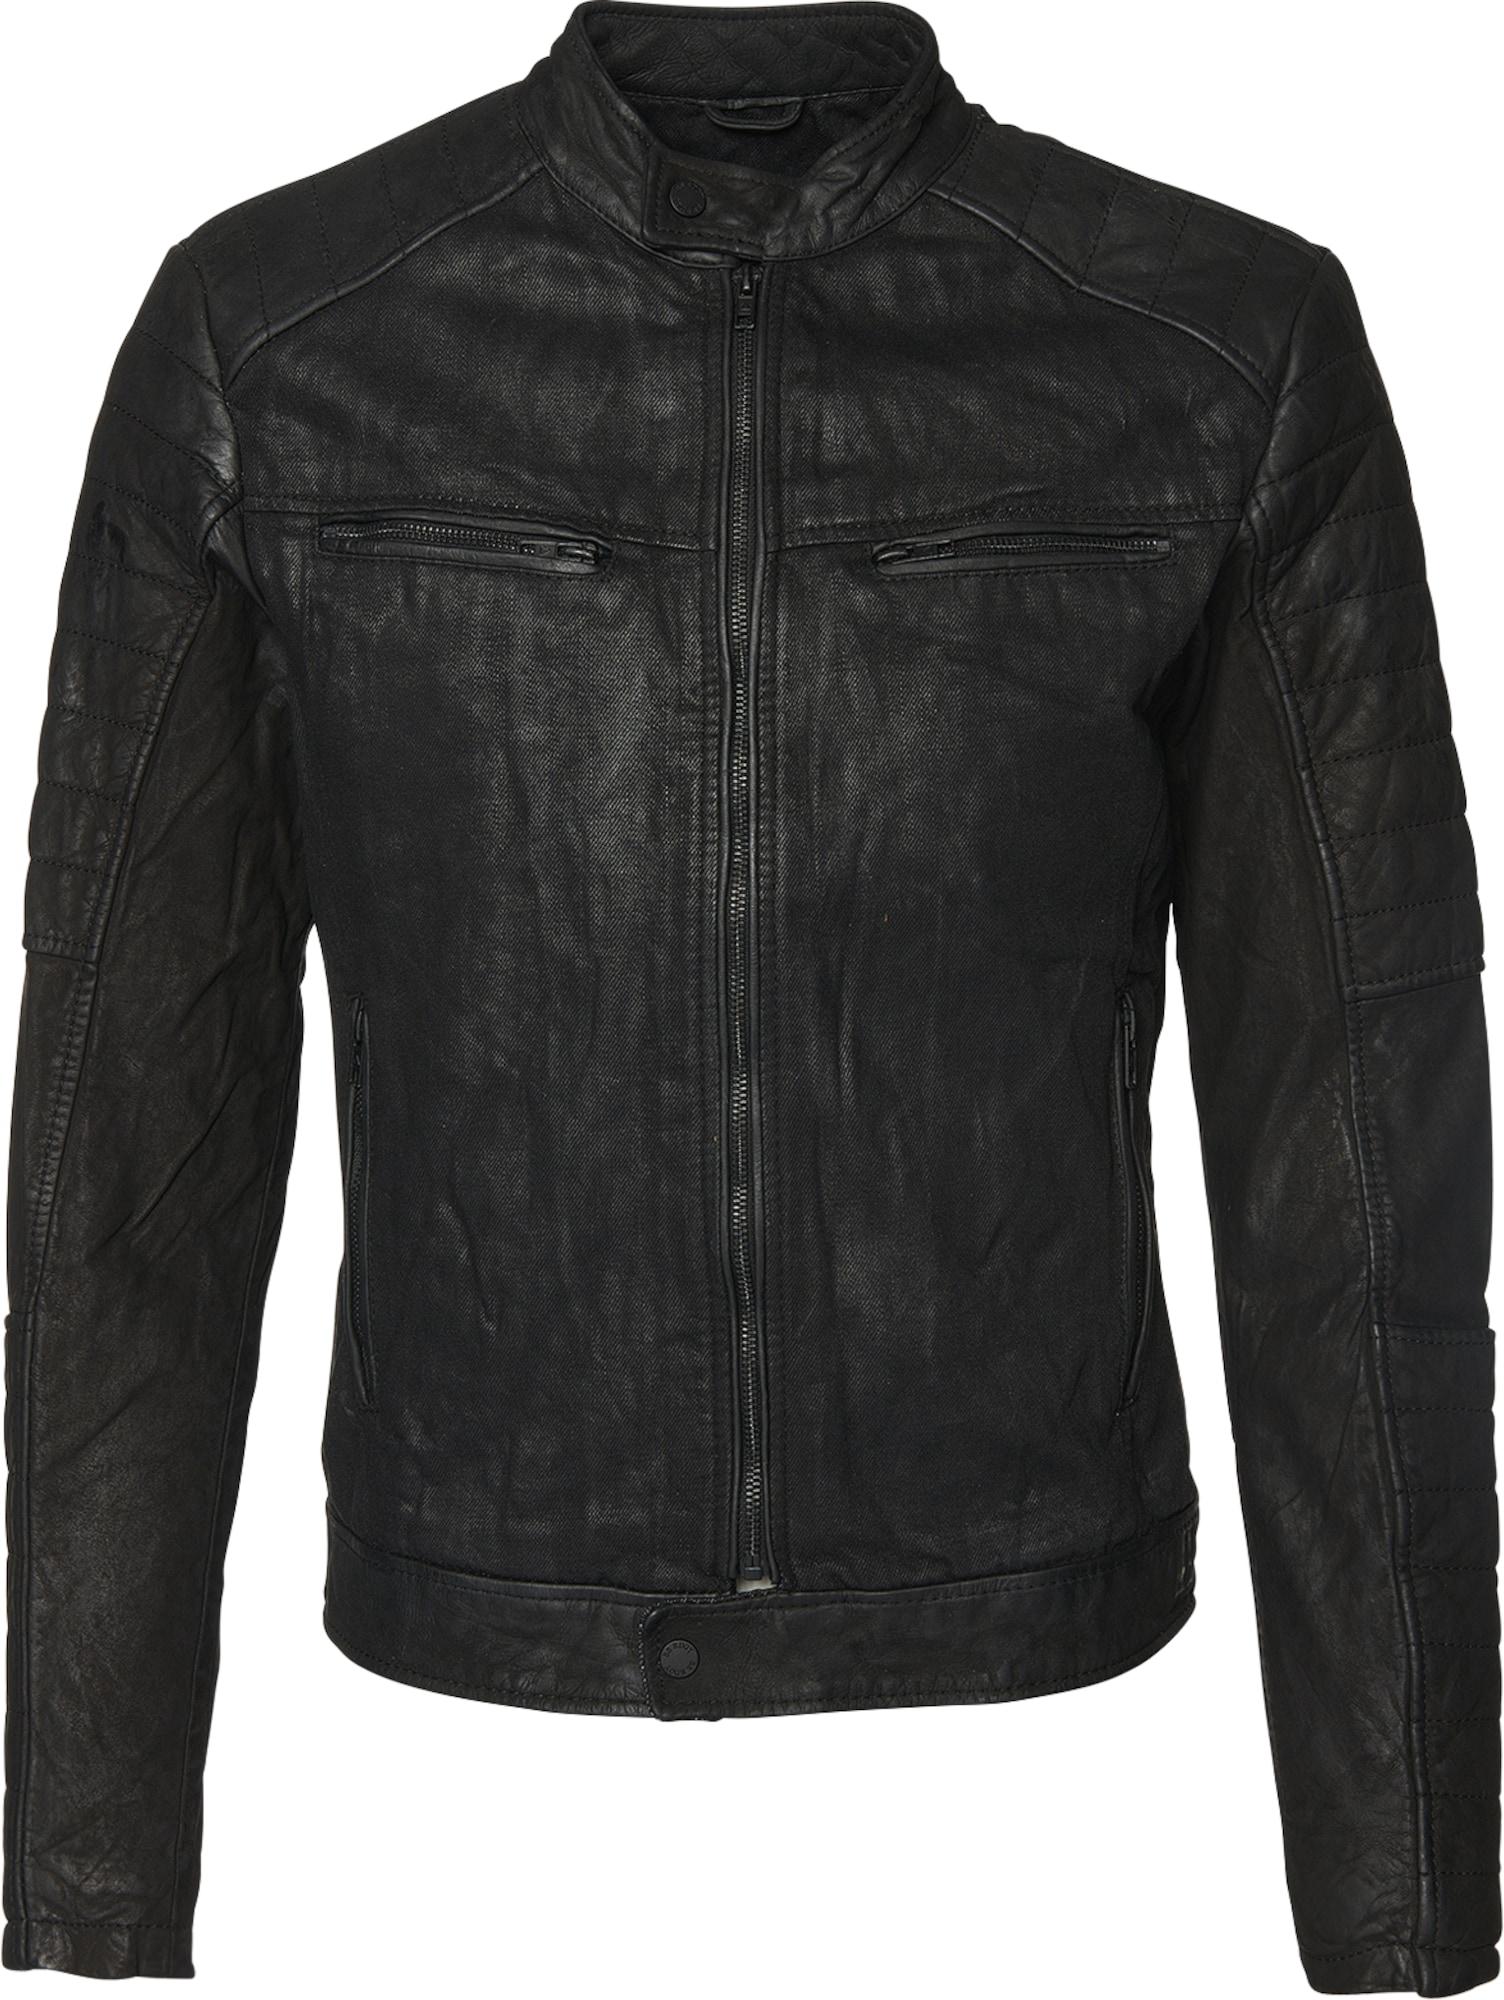 be edgy lederjacke mit jeans partien 39 andy d 39 in schwarz. Black Bedroom Furniture Sets. Home Design Ideas